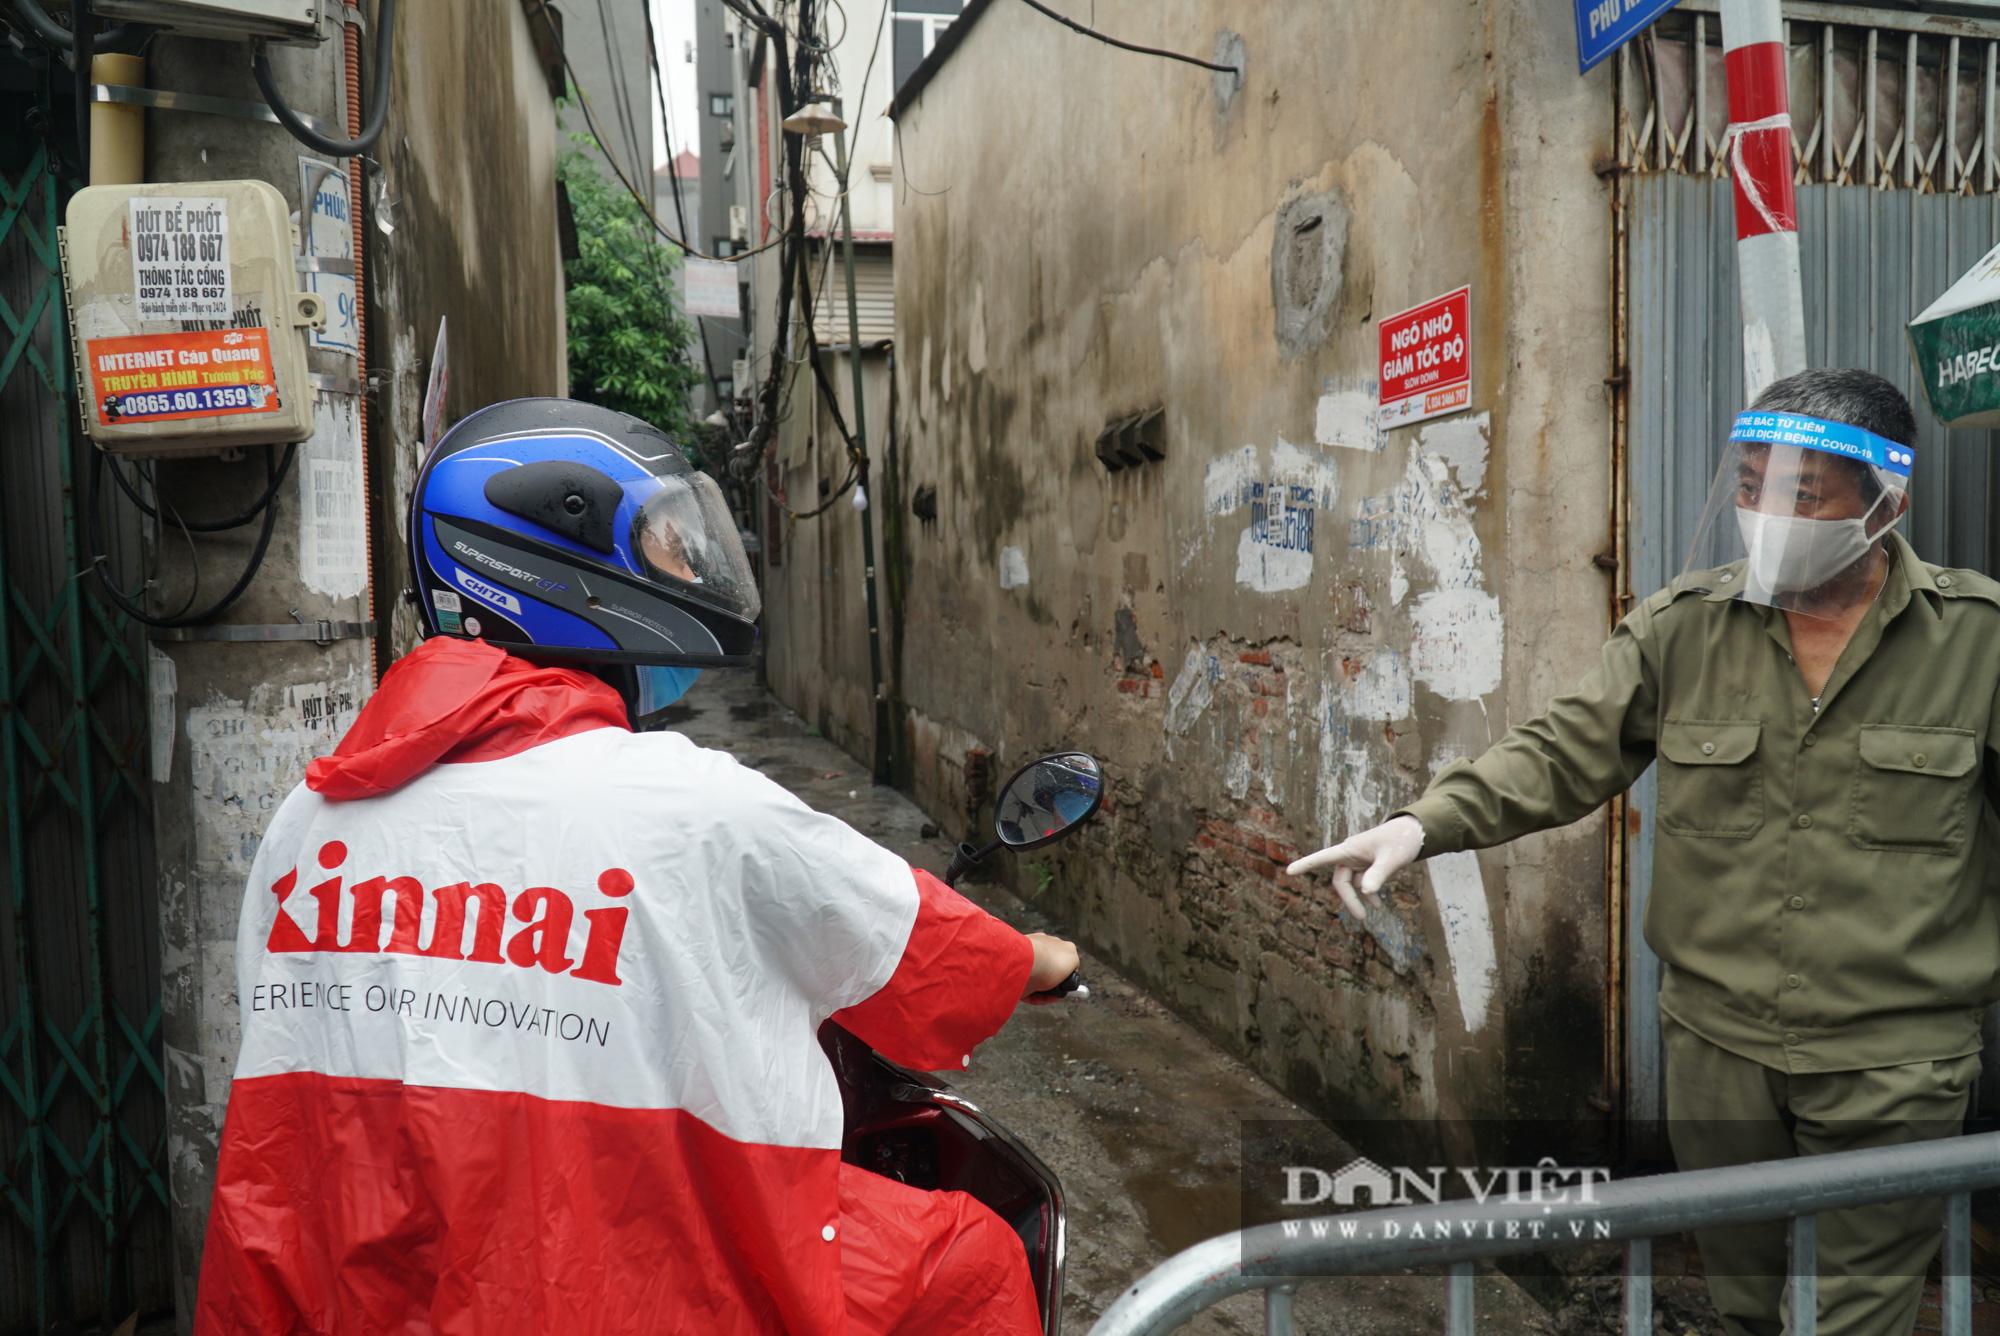 Mang gạo, mỳ tôm, thịt gà tiếp tế cho người dân trong khu phố Kiều Mai bị phong toả - Ảnh 2.